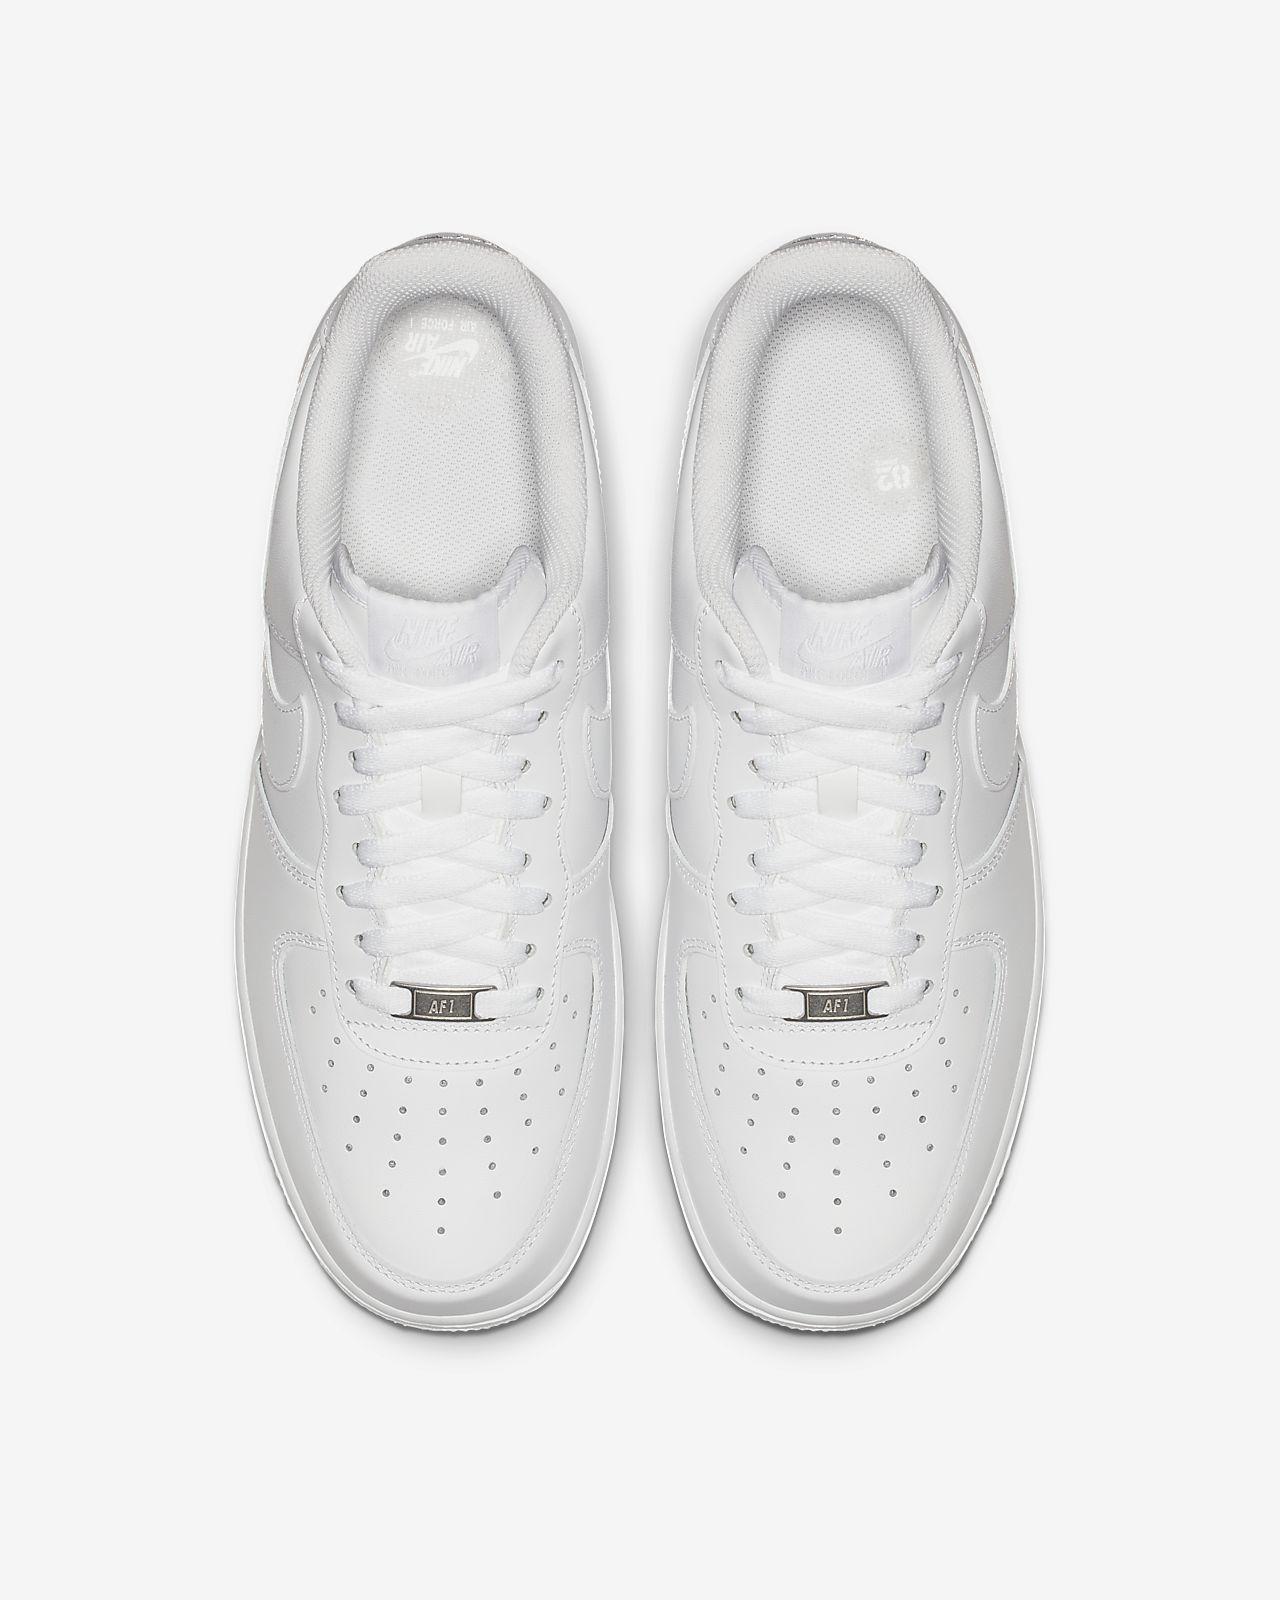 274a97d0 Low Resolution Nike Air Force 1 '07 herresko Nike Air Force 1 '07 herresko